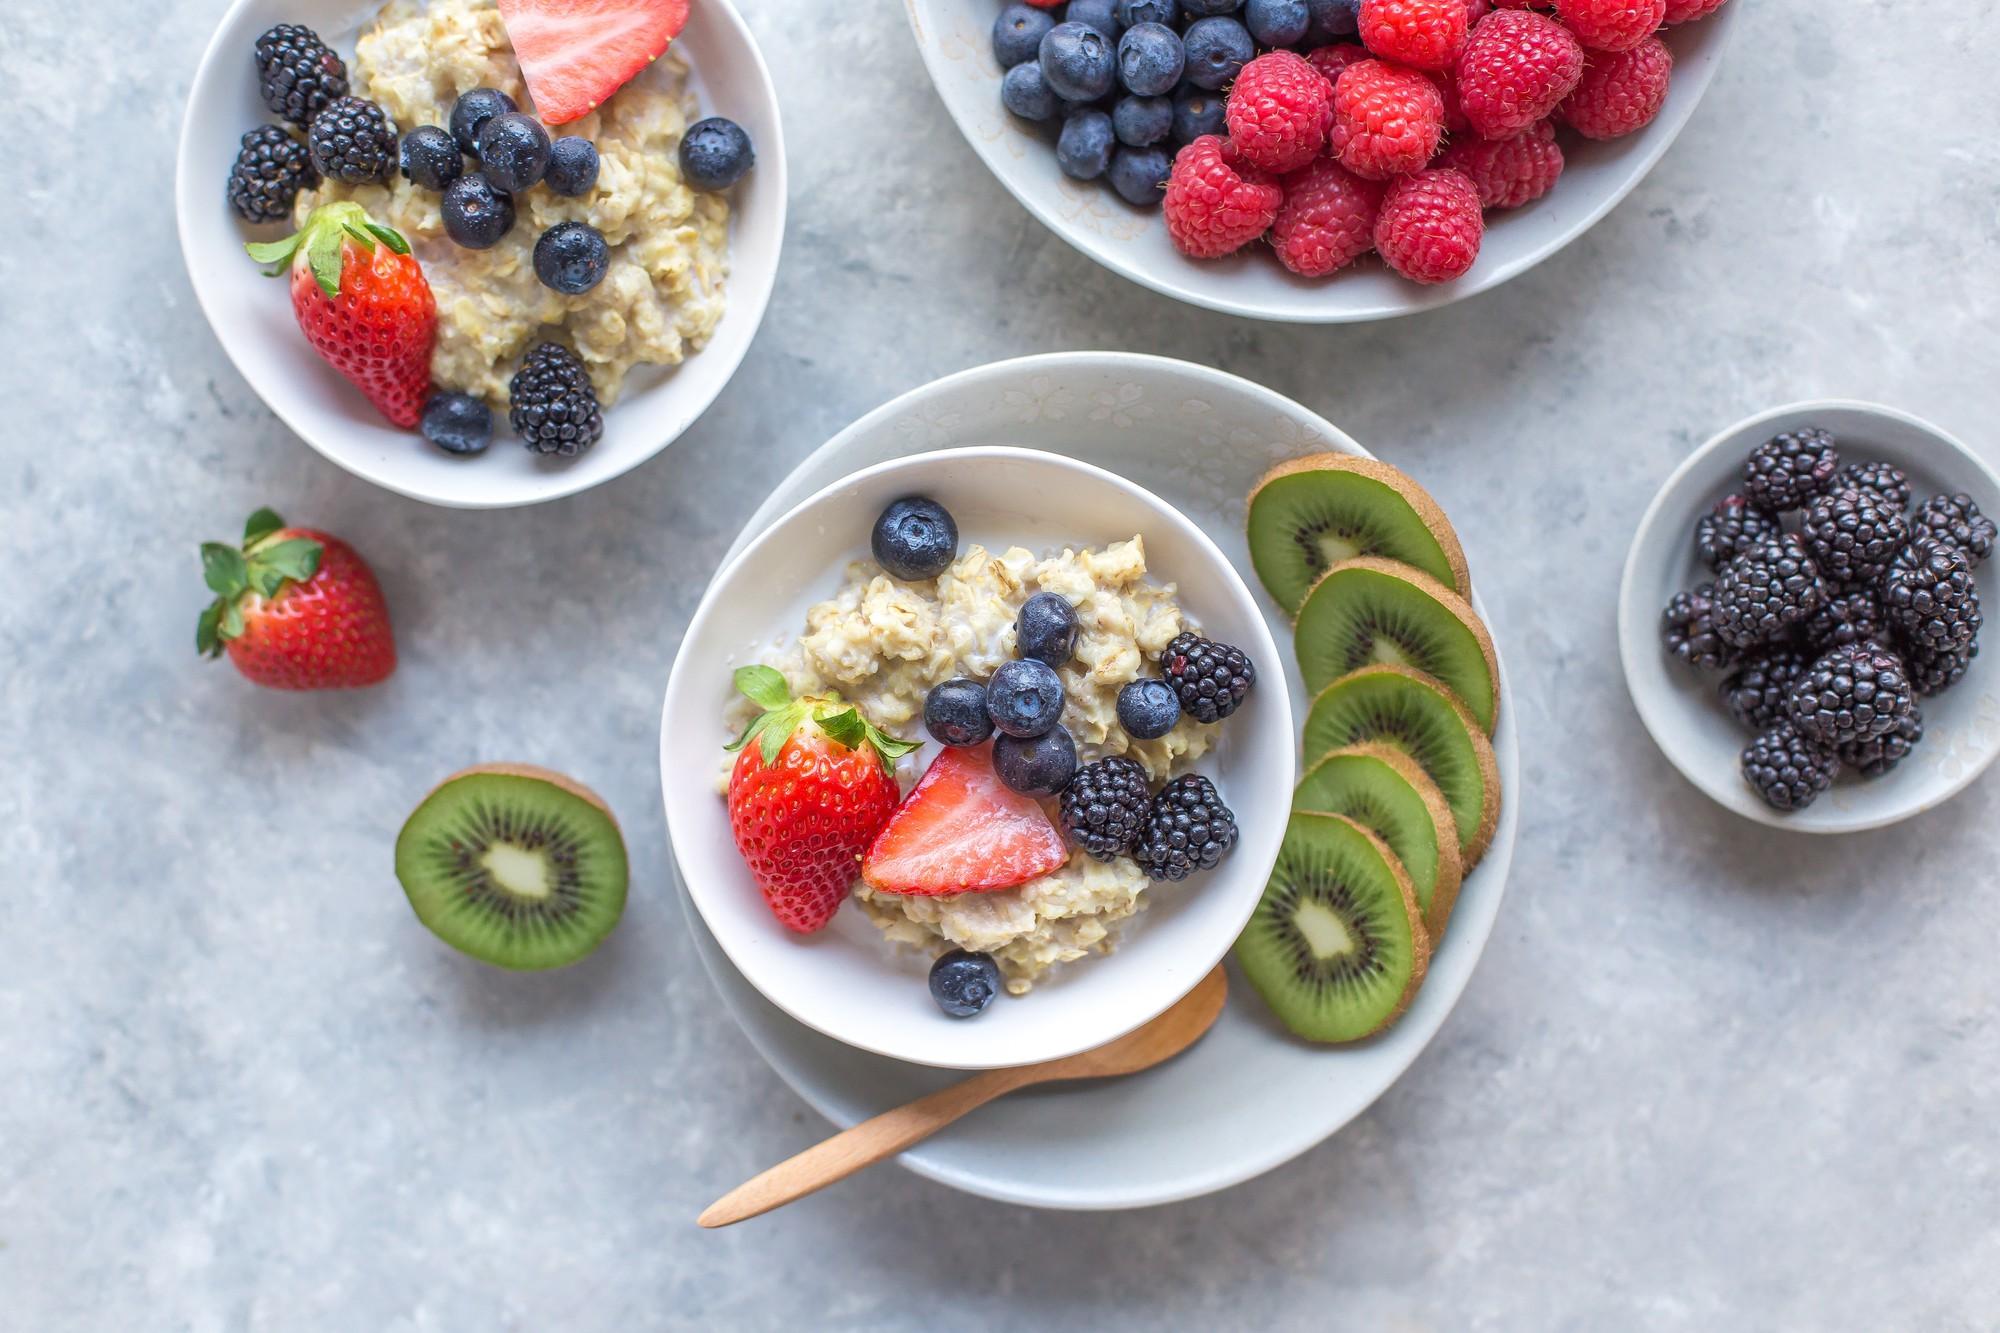 7 quy tắc ăn uống cần ghi nhớ khi thực hiện chế độ Detox kết hợp ăn uống - Ảnh 3.